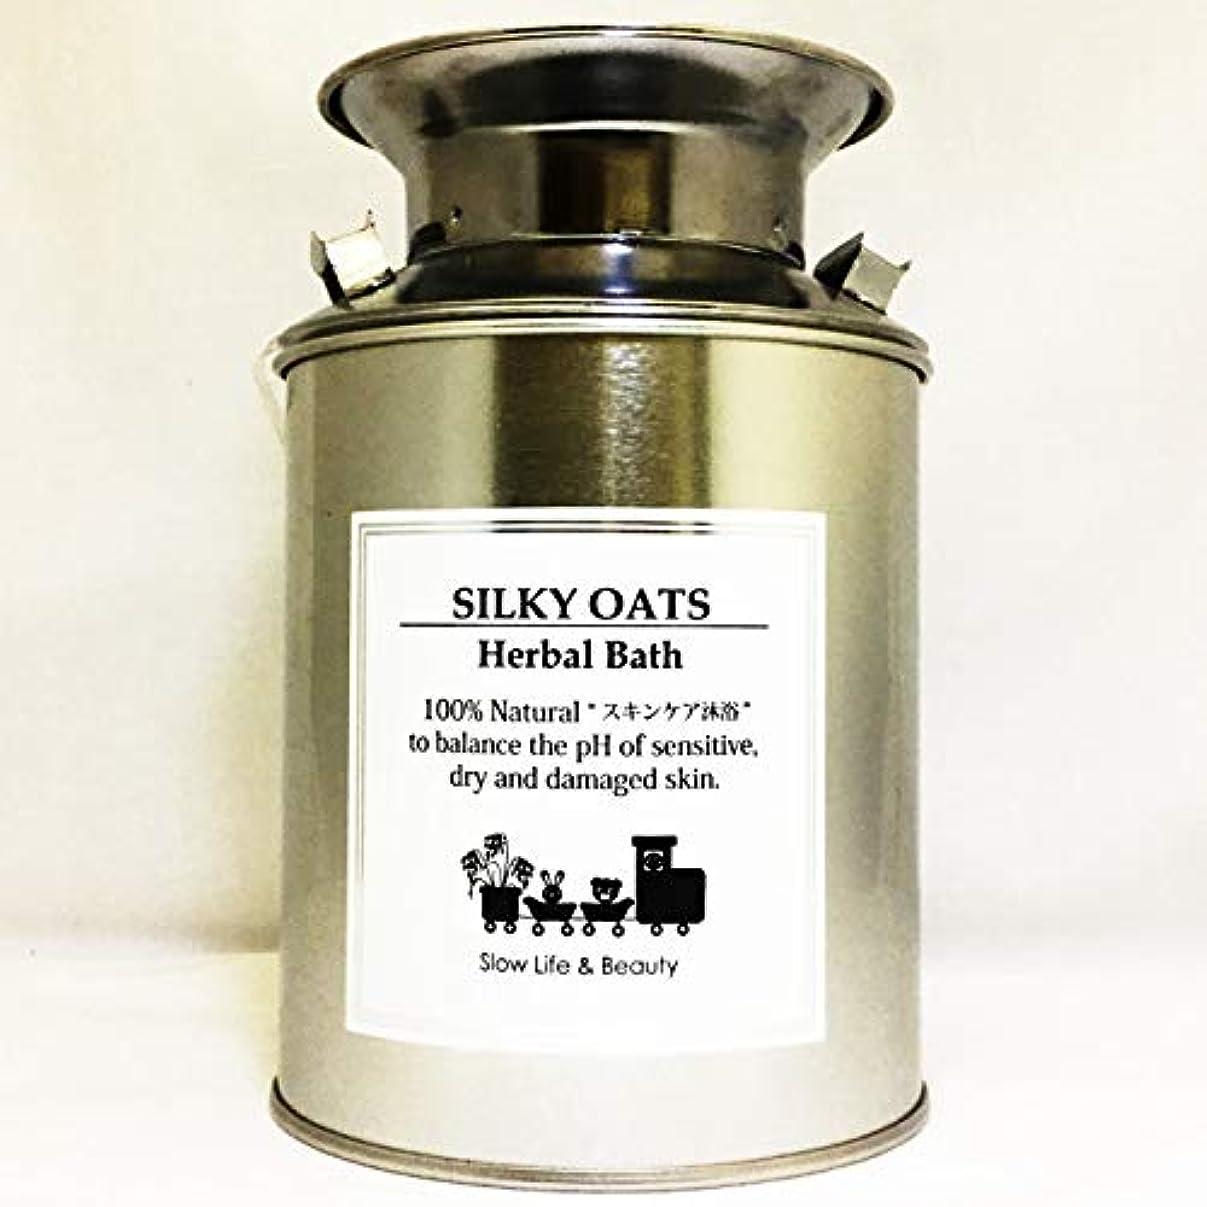 住むシャッターフィルタシーラン SEARUN SILKY OATS Herbal Bath(ハーバルバス)10g×20袋